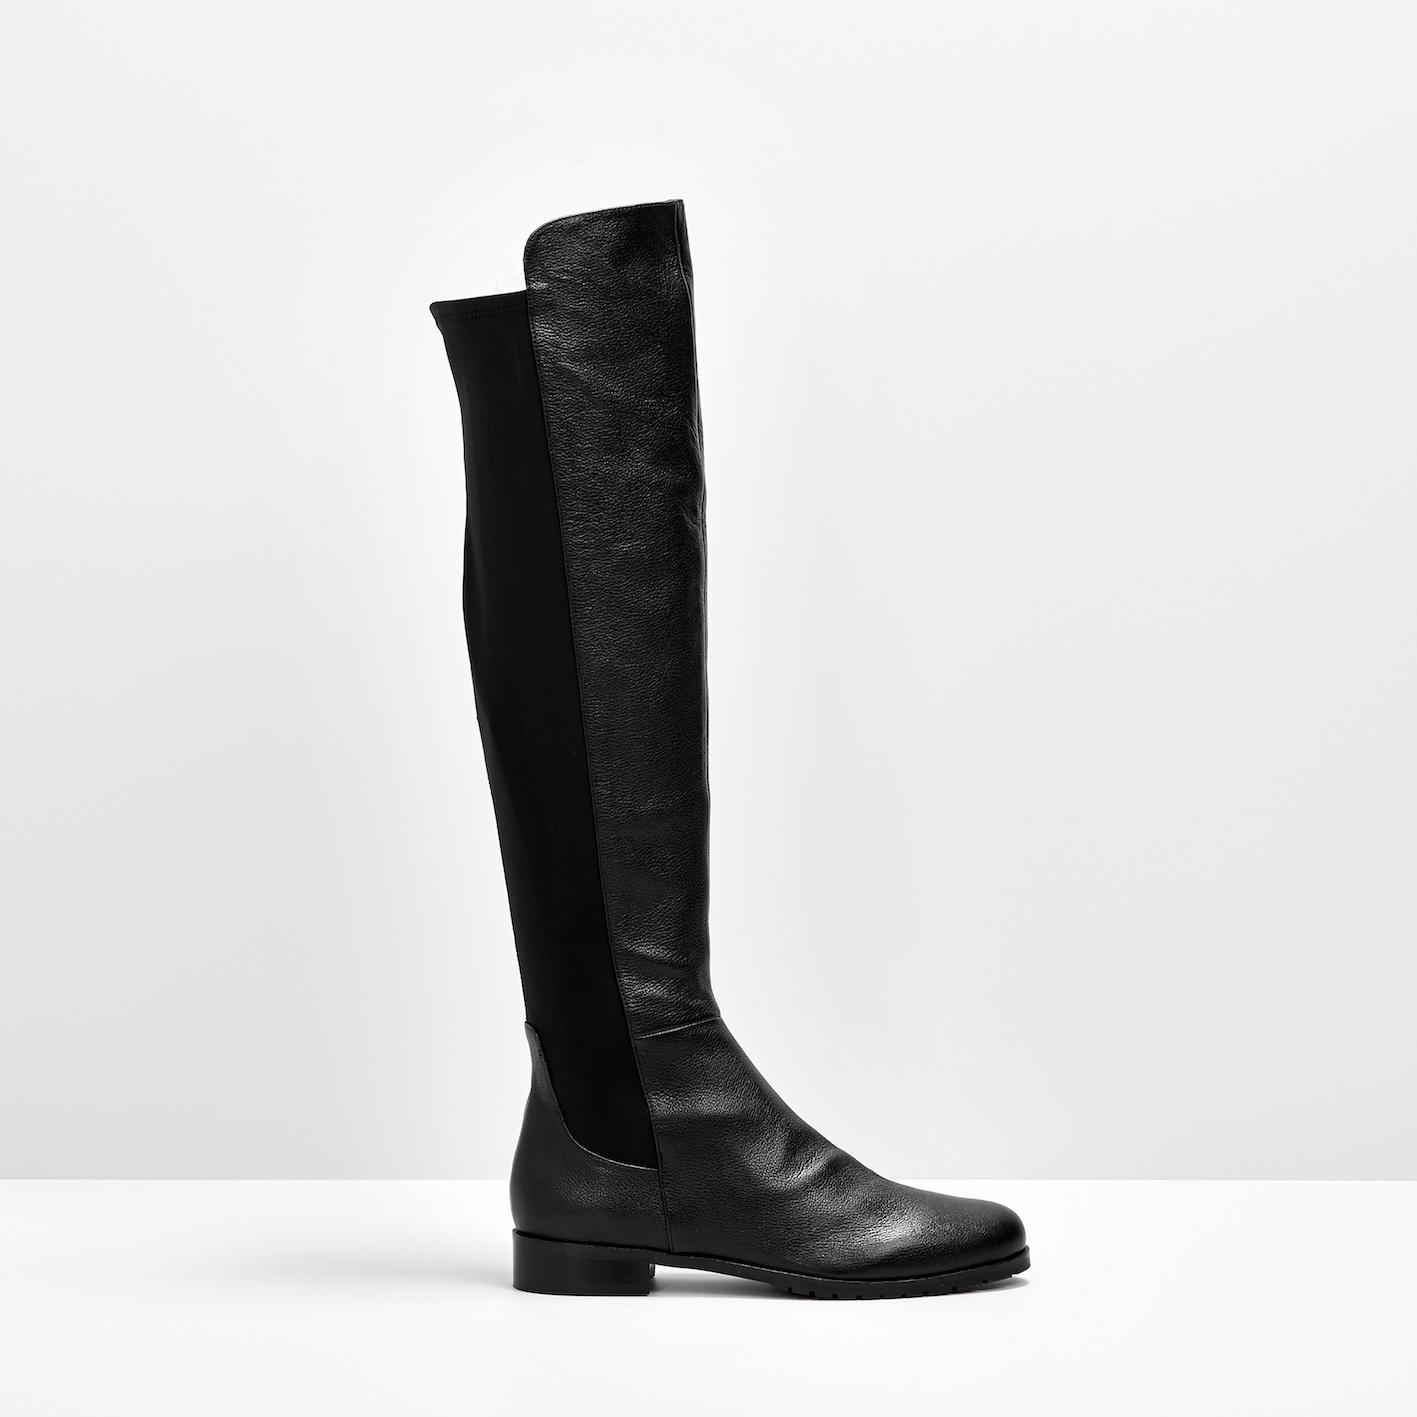 fashion speical offer official site C'est qui CECIL? - Marie Claire